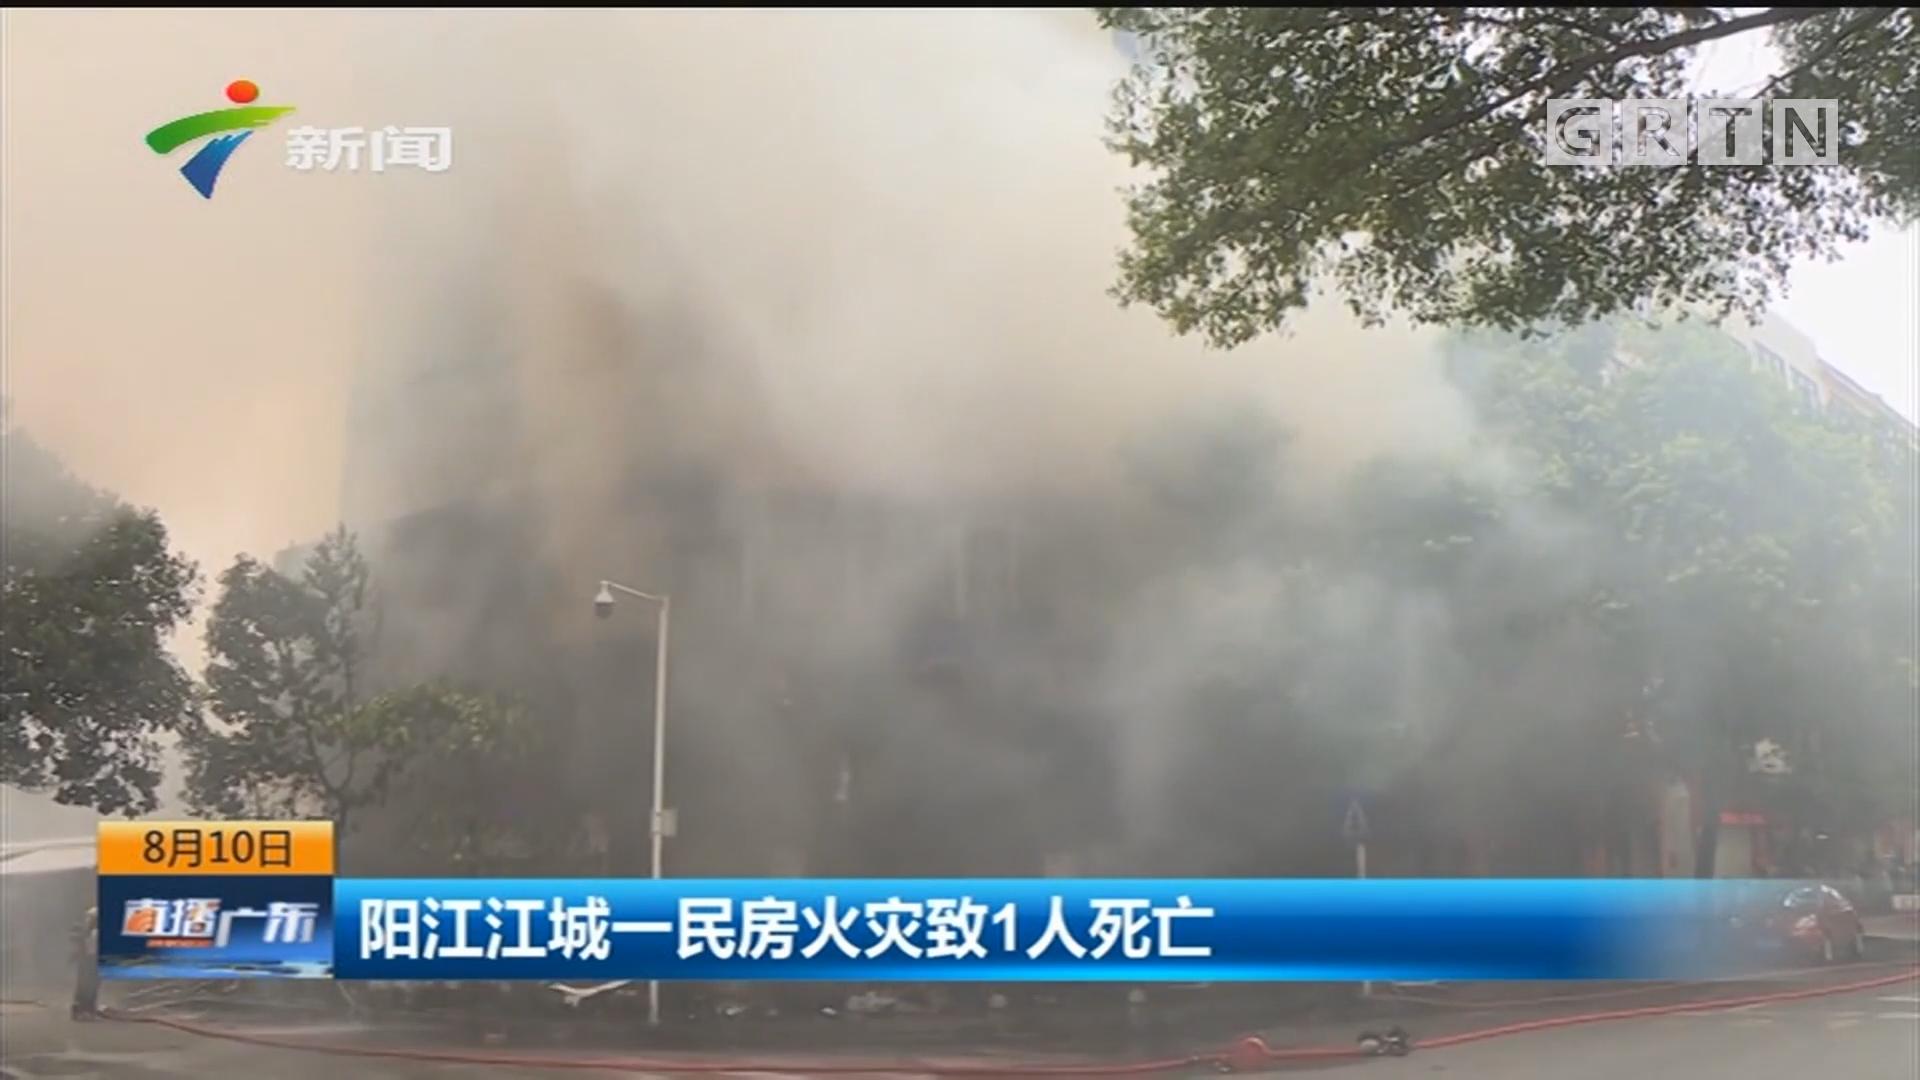 阳江江城一民房火灾致1人死亡